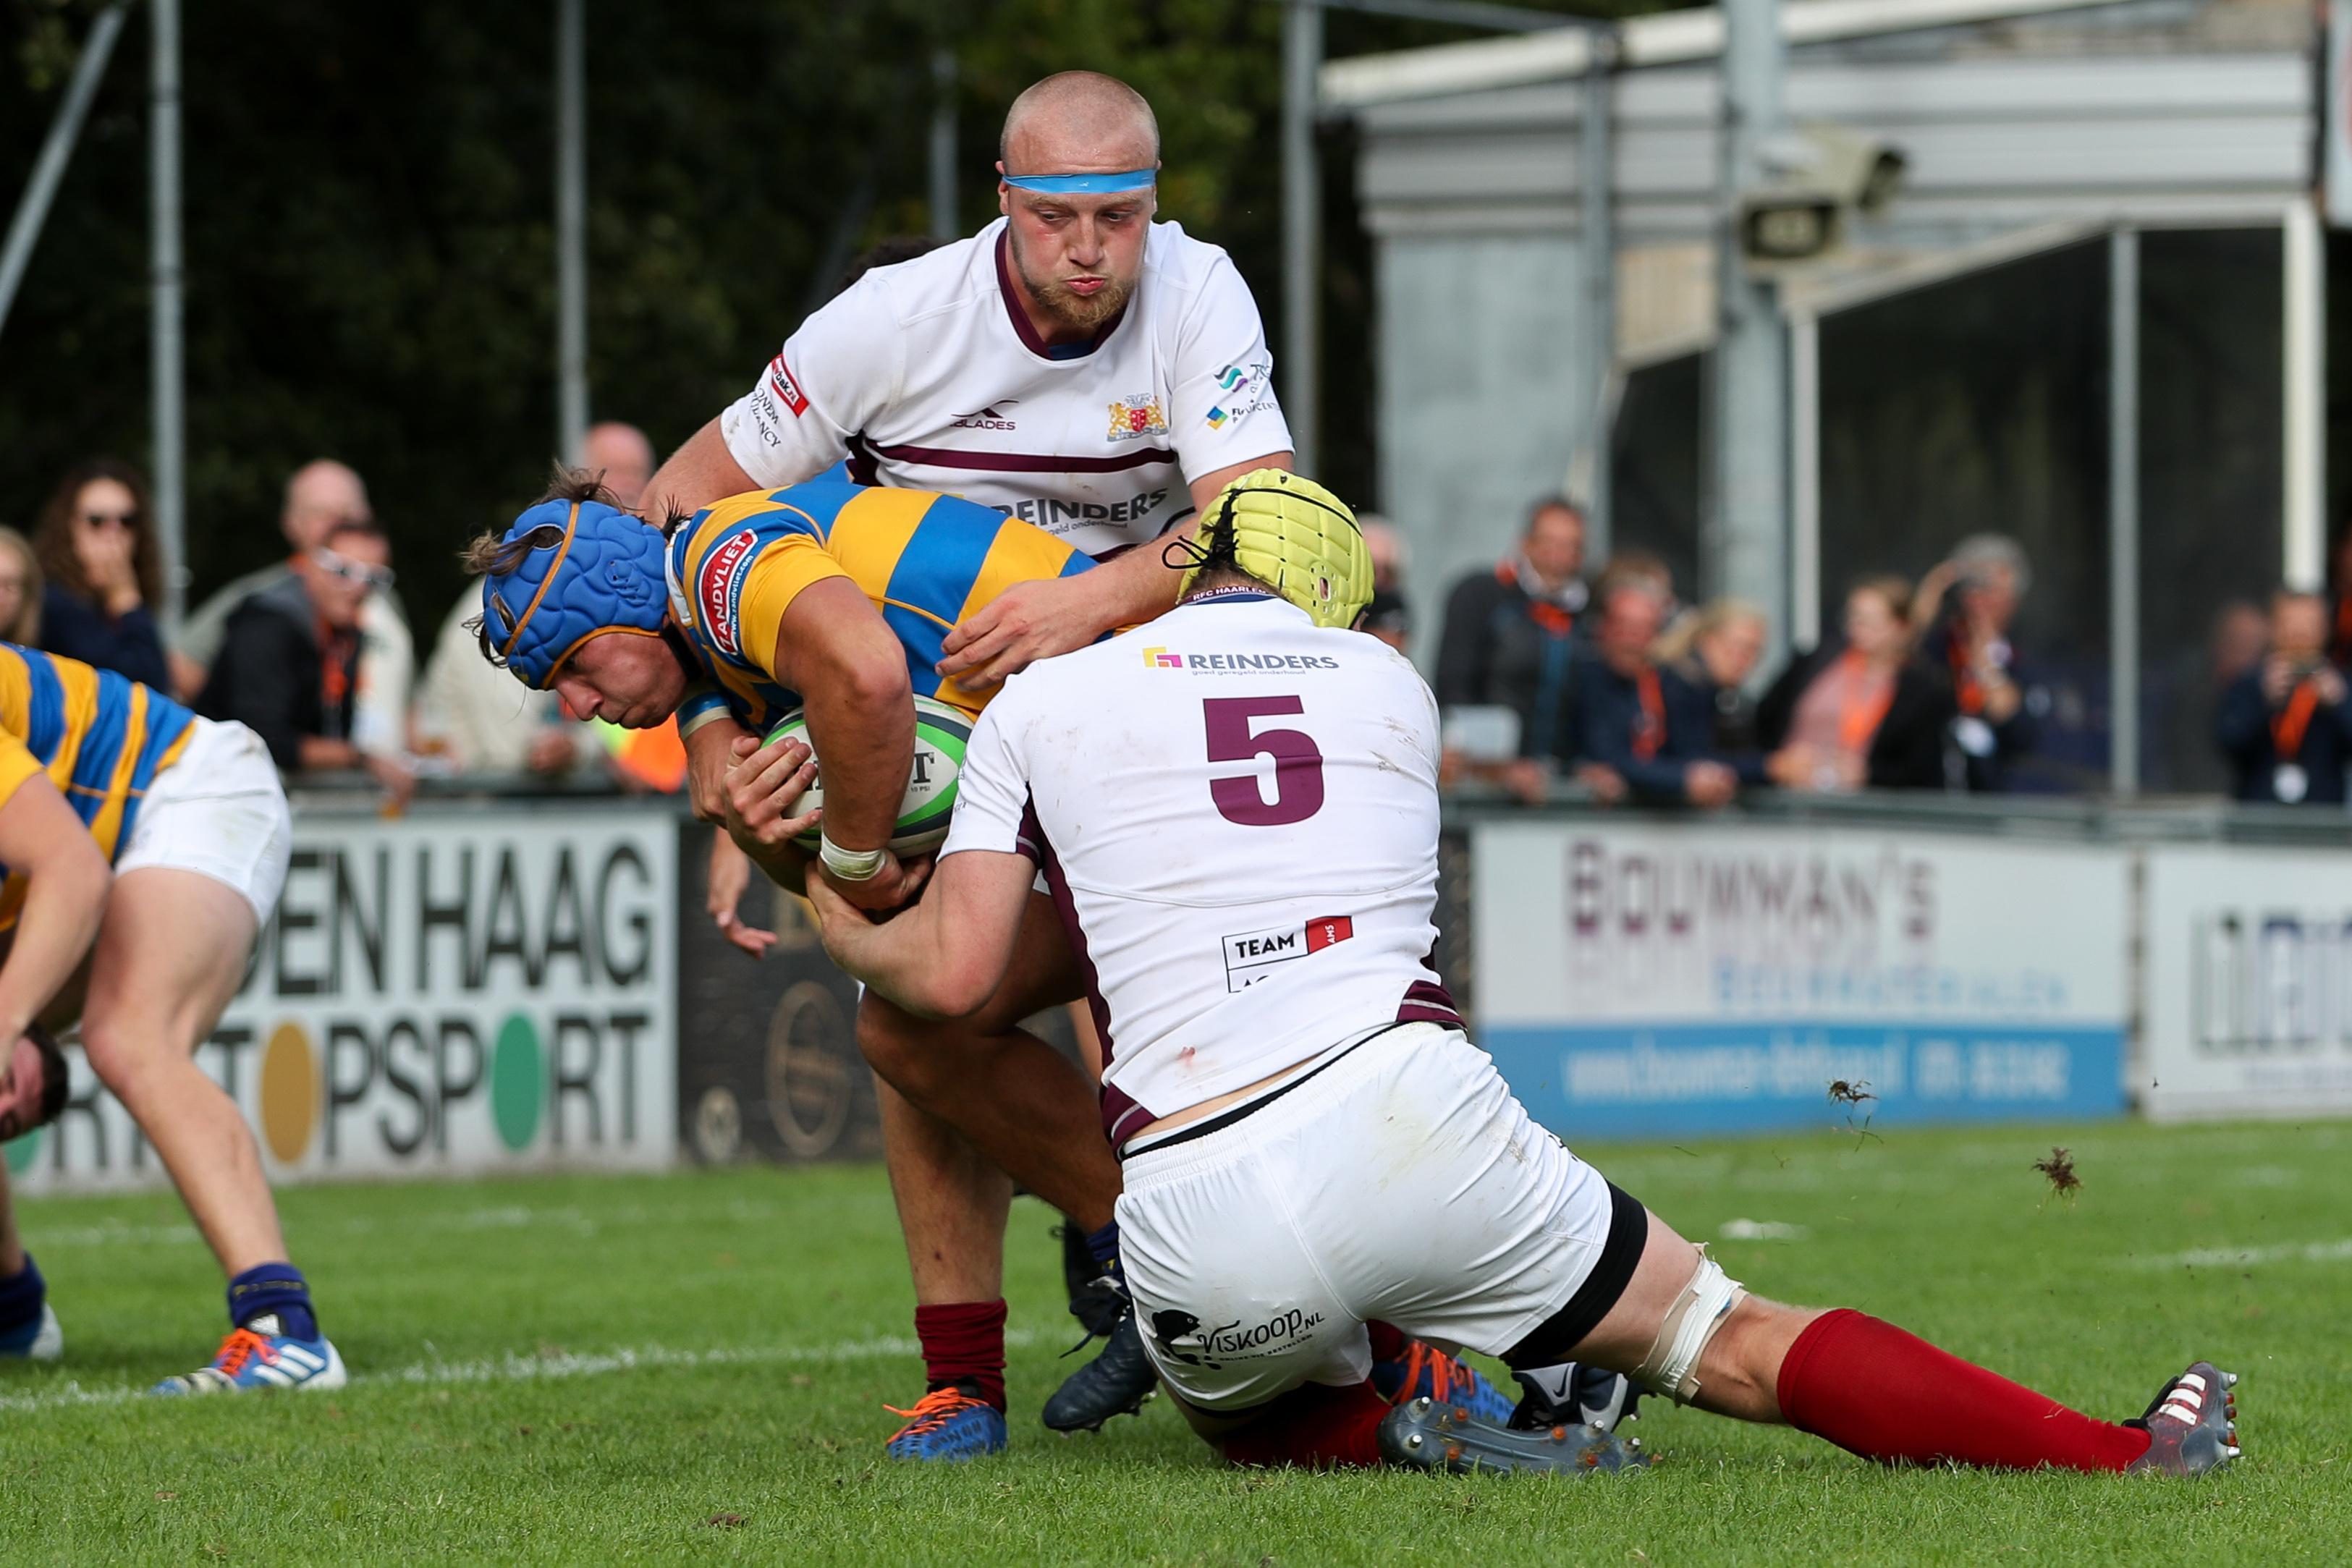 Stevige nederlaag voor RFC Haarlem bij rentree in de ereklasse, maar geen paniek!